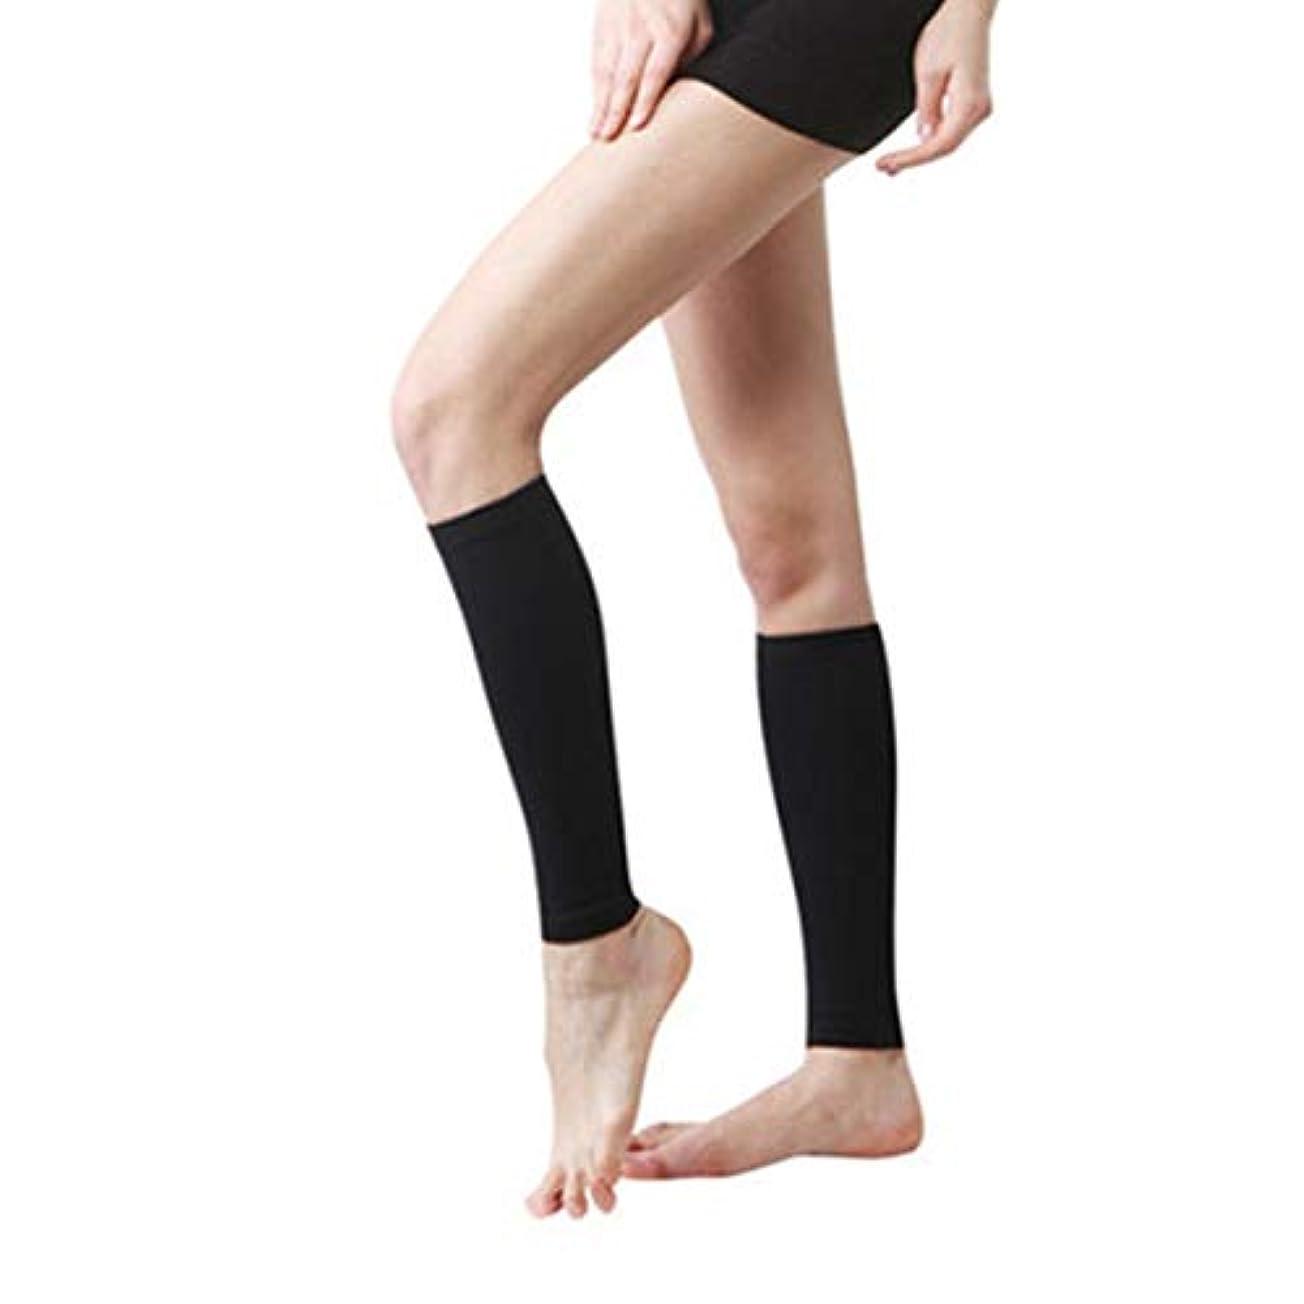 から偉業増幅丈夫な男性女性プロの圧縮靴下通気性のある旅行活動看護師用シンススプリントフライトトラベル - ブラック